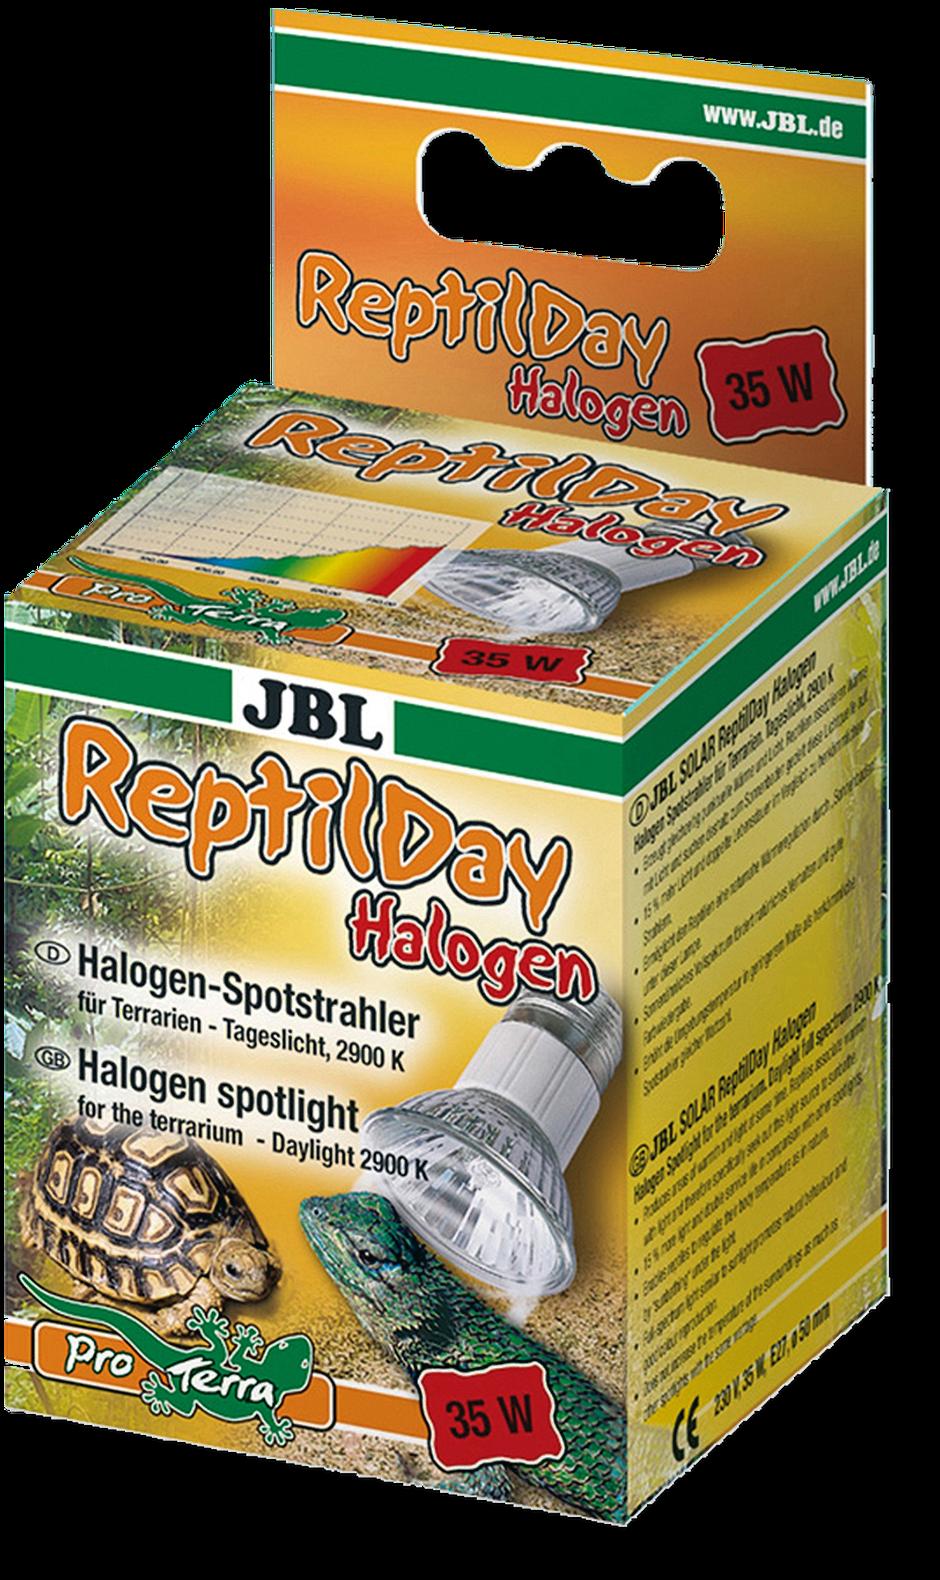 JBL ReptilDay Halogen 100 W